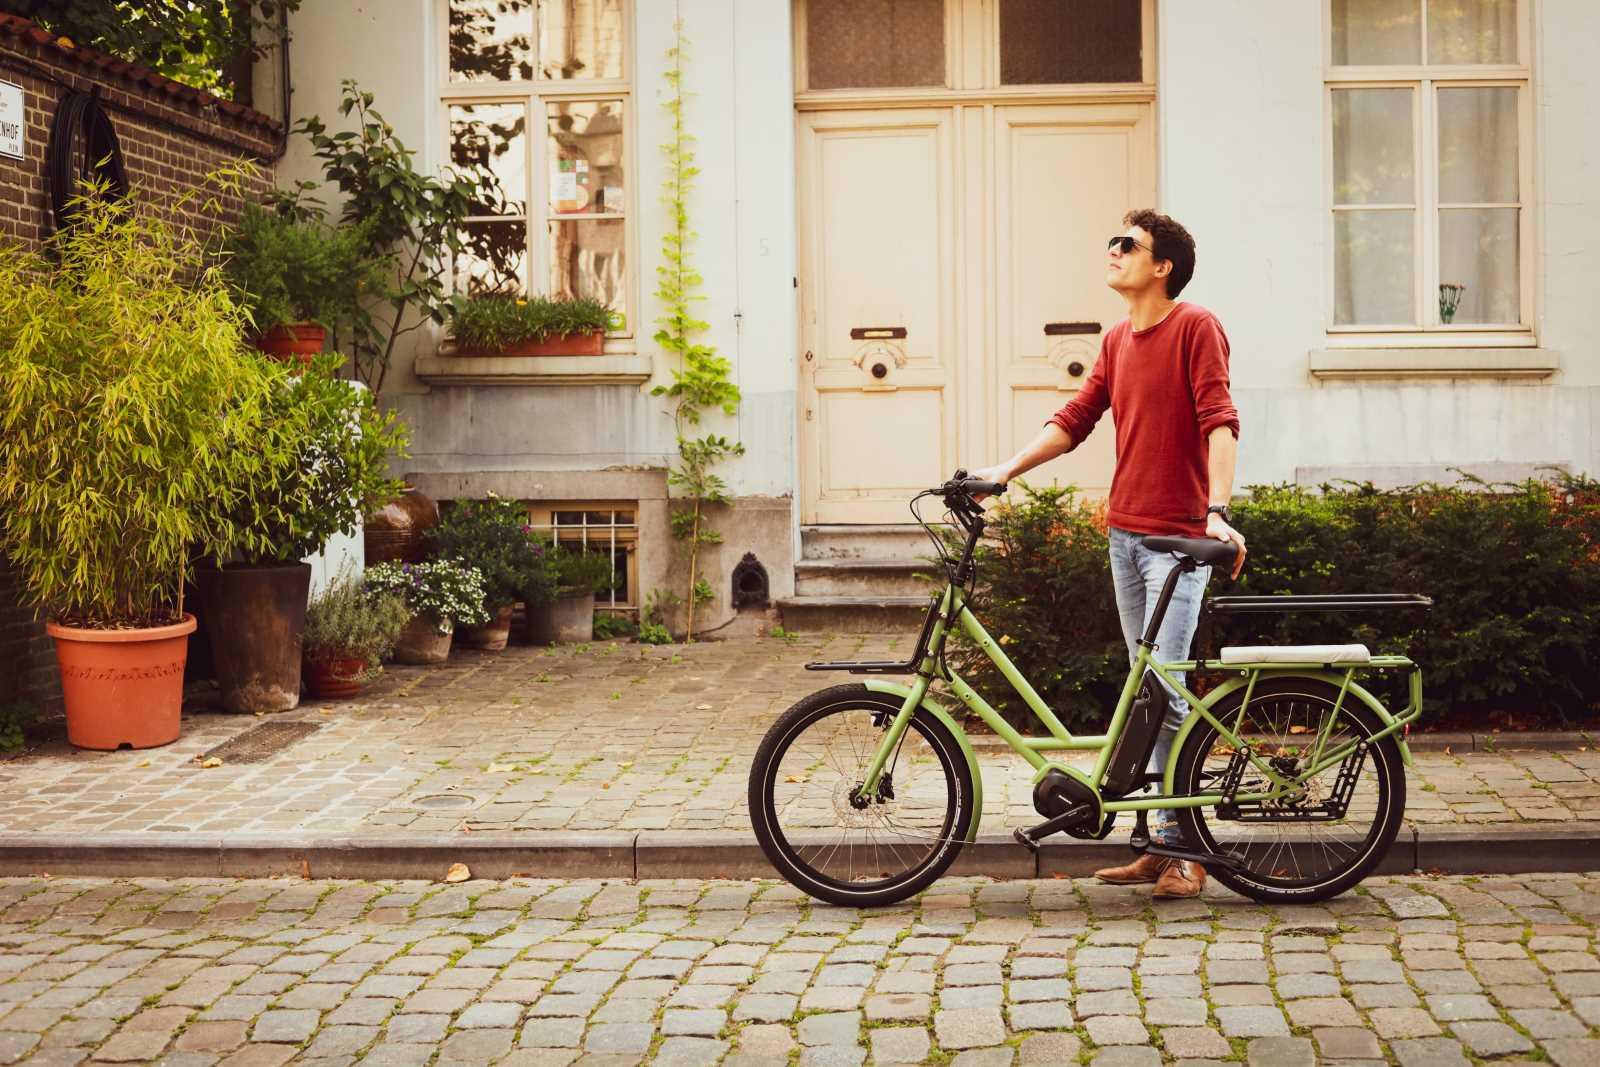 Veloe elektrische fiets kopen Antwerpen